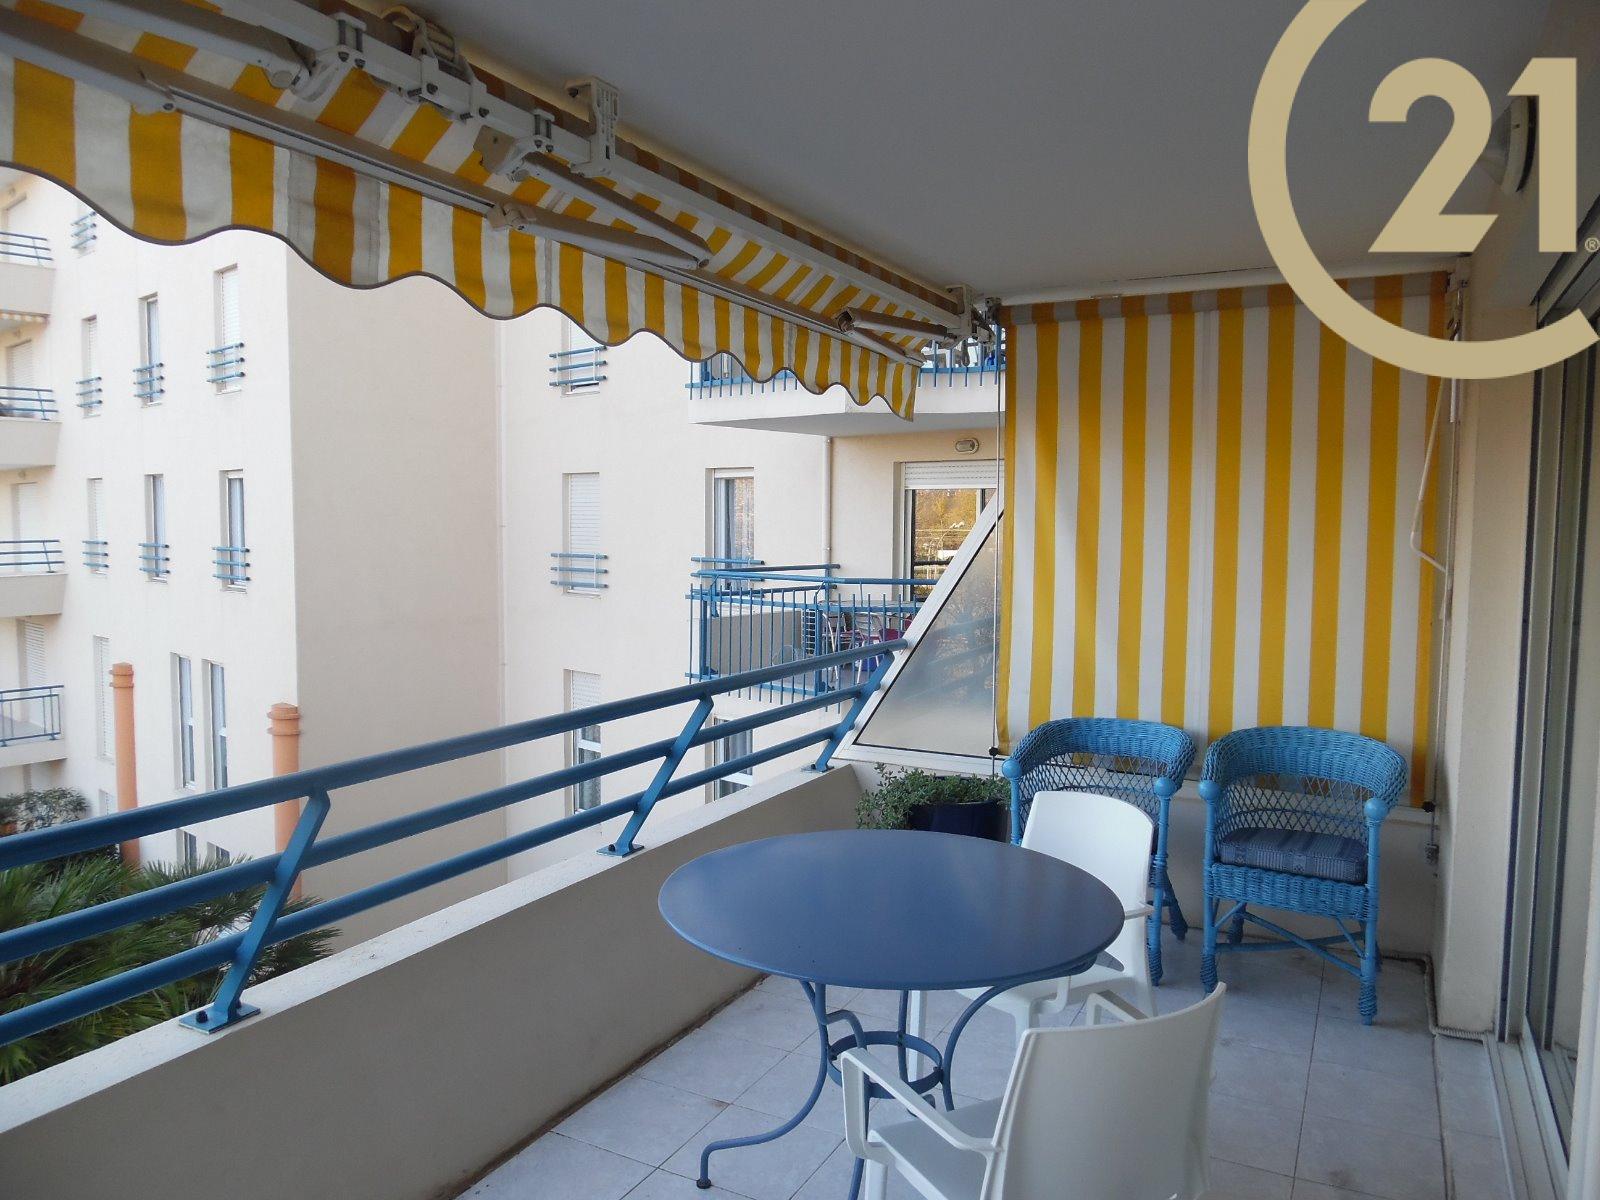 Vente vente frejus plage appartement 2 pieces avec terrasse for Vente appartement avec terrasse